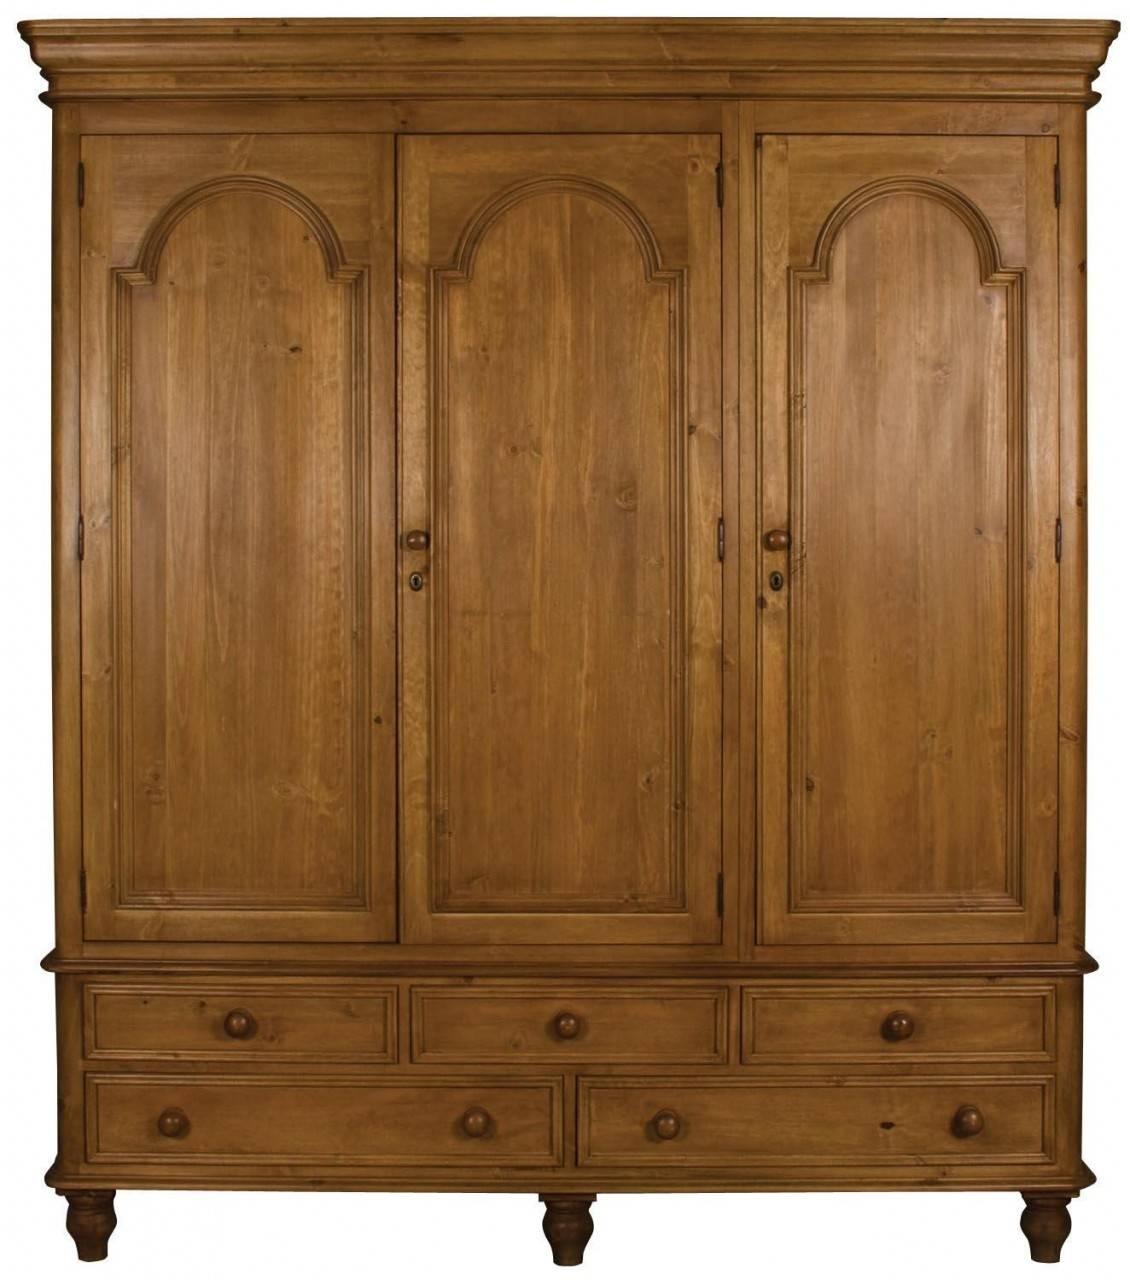 Buy Ascot Pine Wardrobe – Triple 3 Doors 5 Drawers Online – Cfs Uk Regarding 3 Door Pine Wardrobes (View 2 of 15)